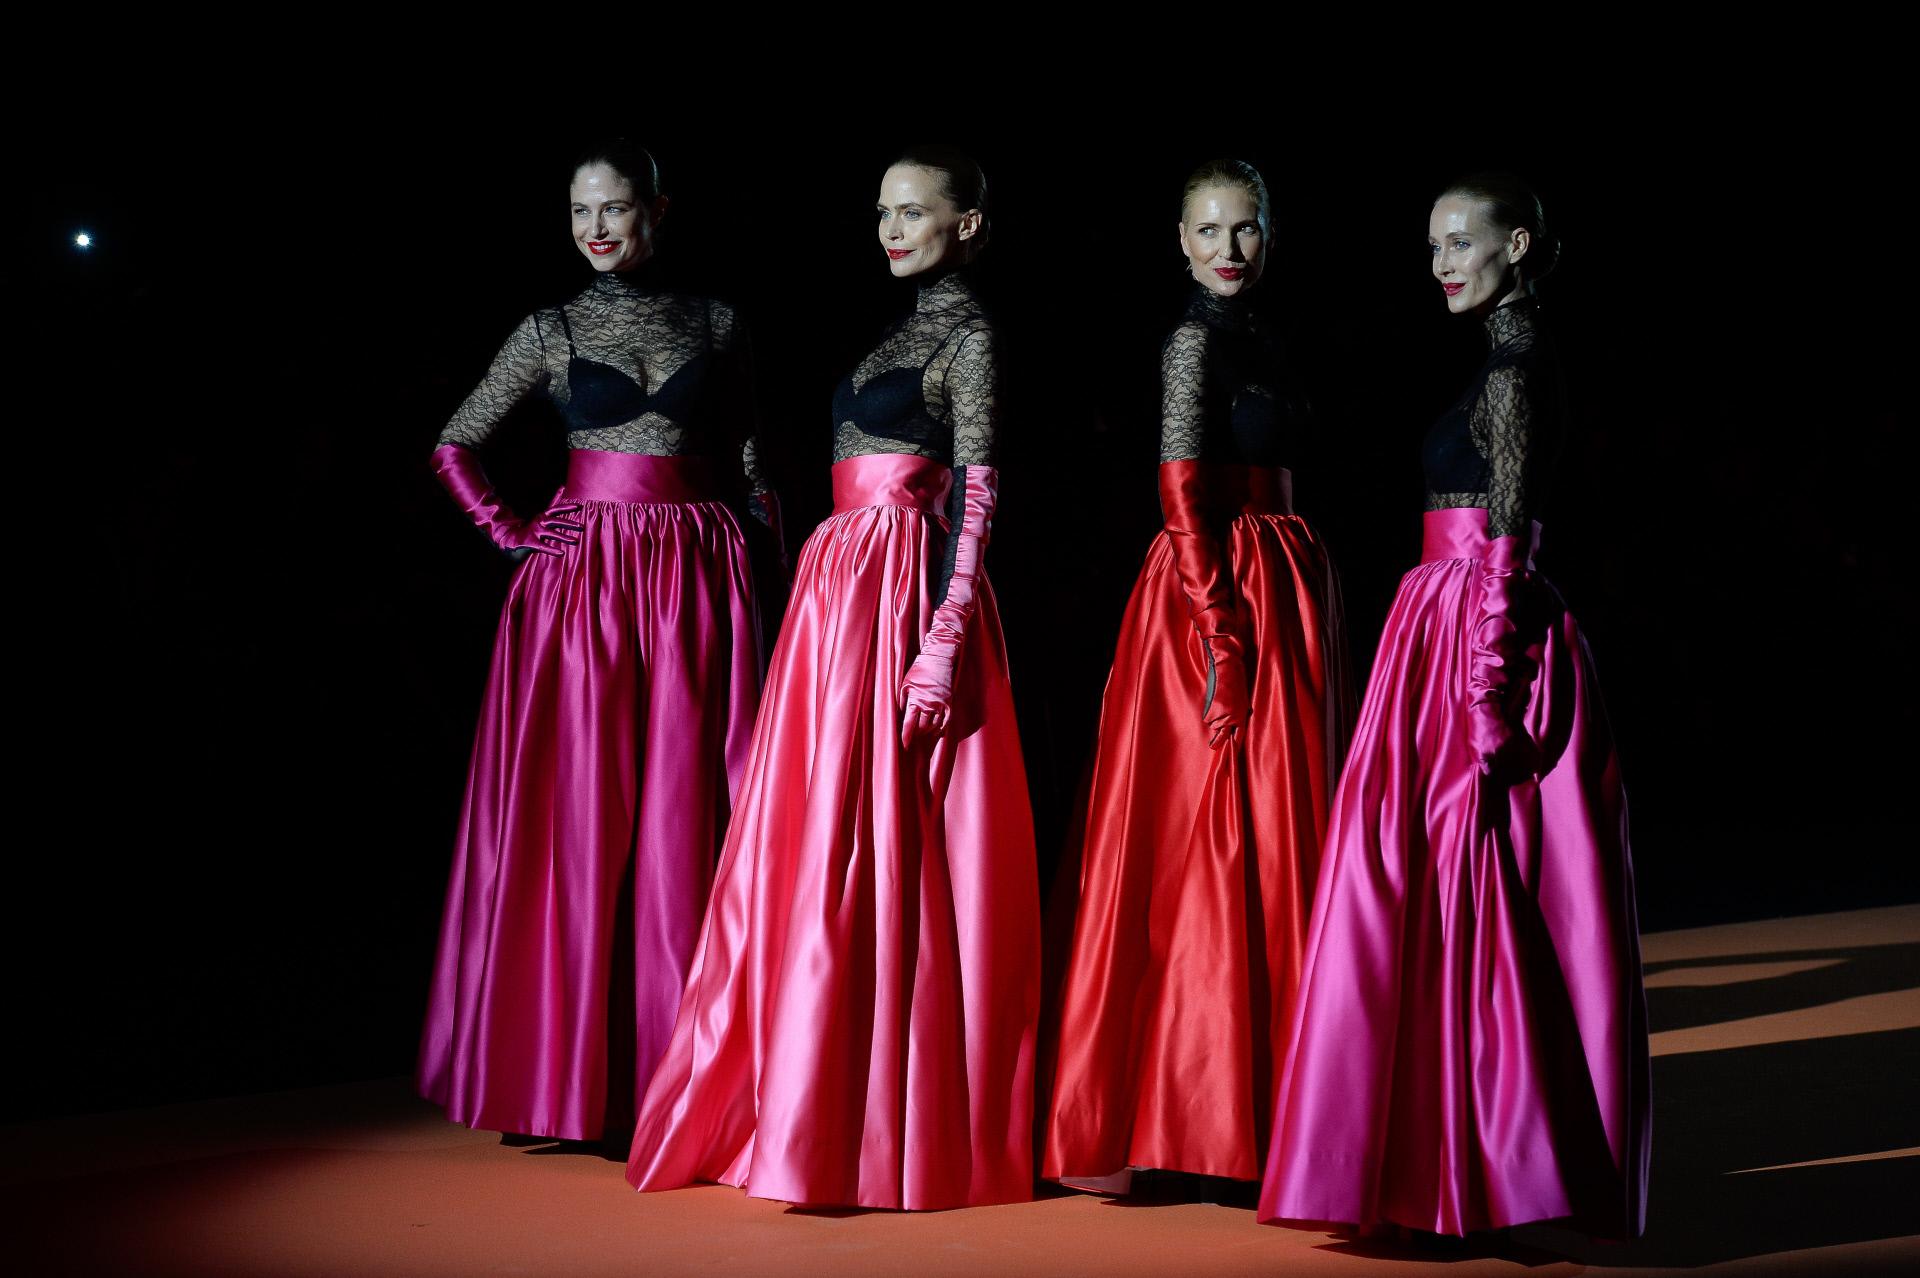 Vanesa Lorenzo, Judit Masco, Verónica Blume y Martina Klein en el desfile de Andrés Sardá Otoño Invierno 2020/21 el pasado mes de enero durante Madrid Fashion Week.